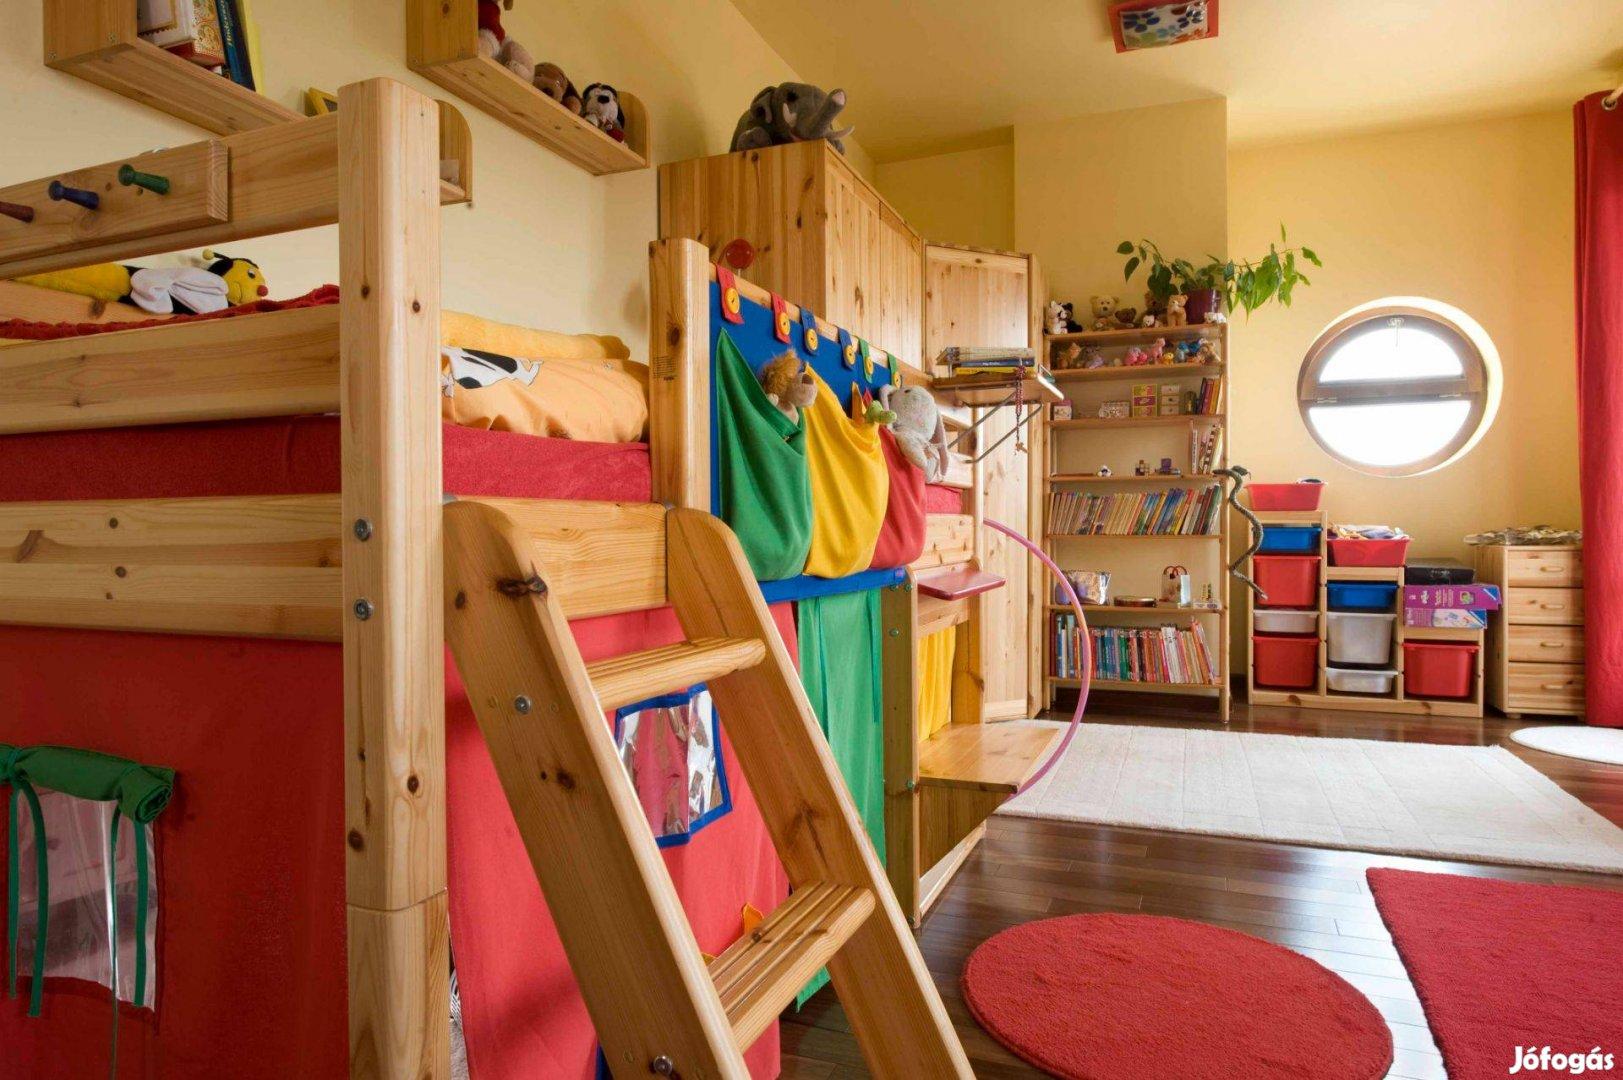 Flexa gyerekbútorok - 2 nagy szoba teljes berendezése